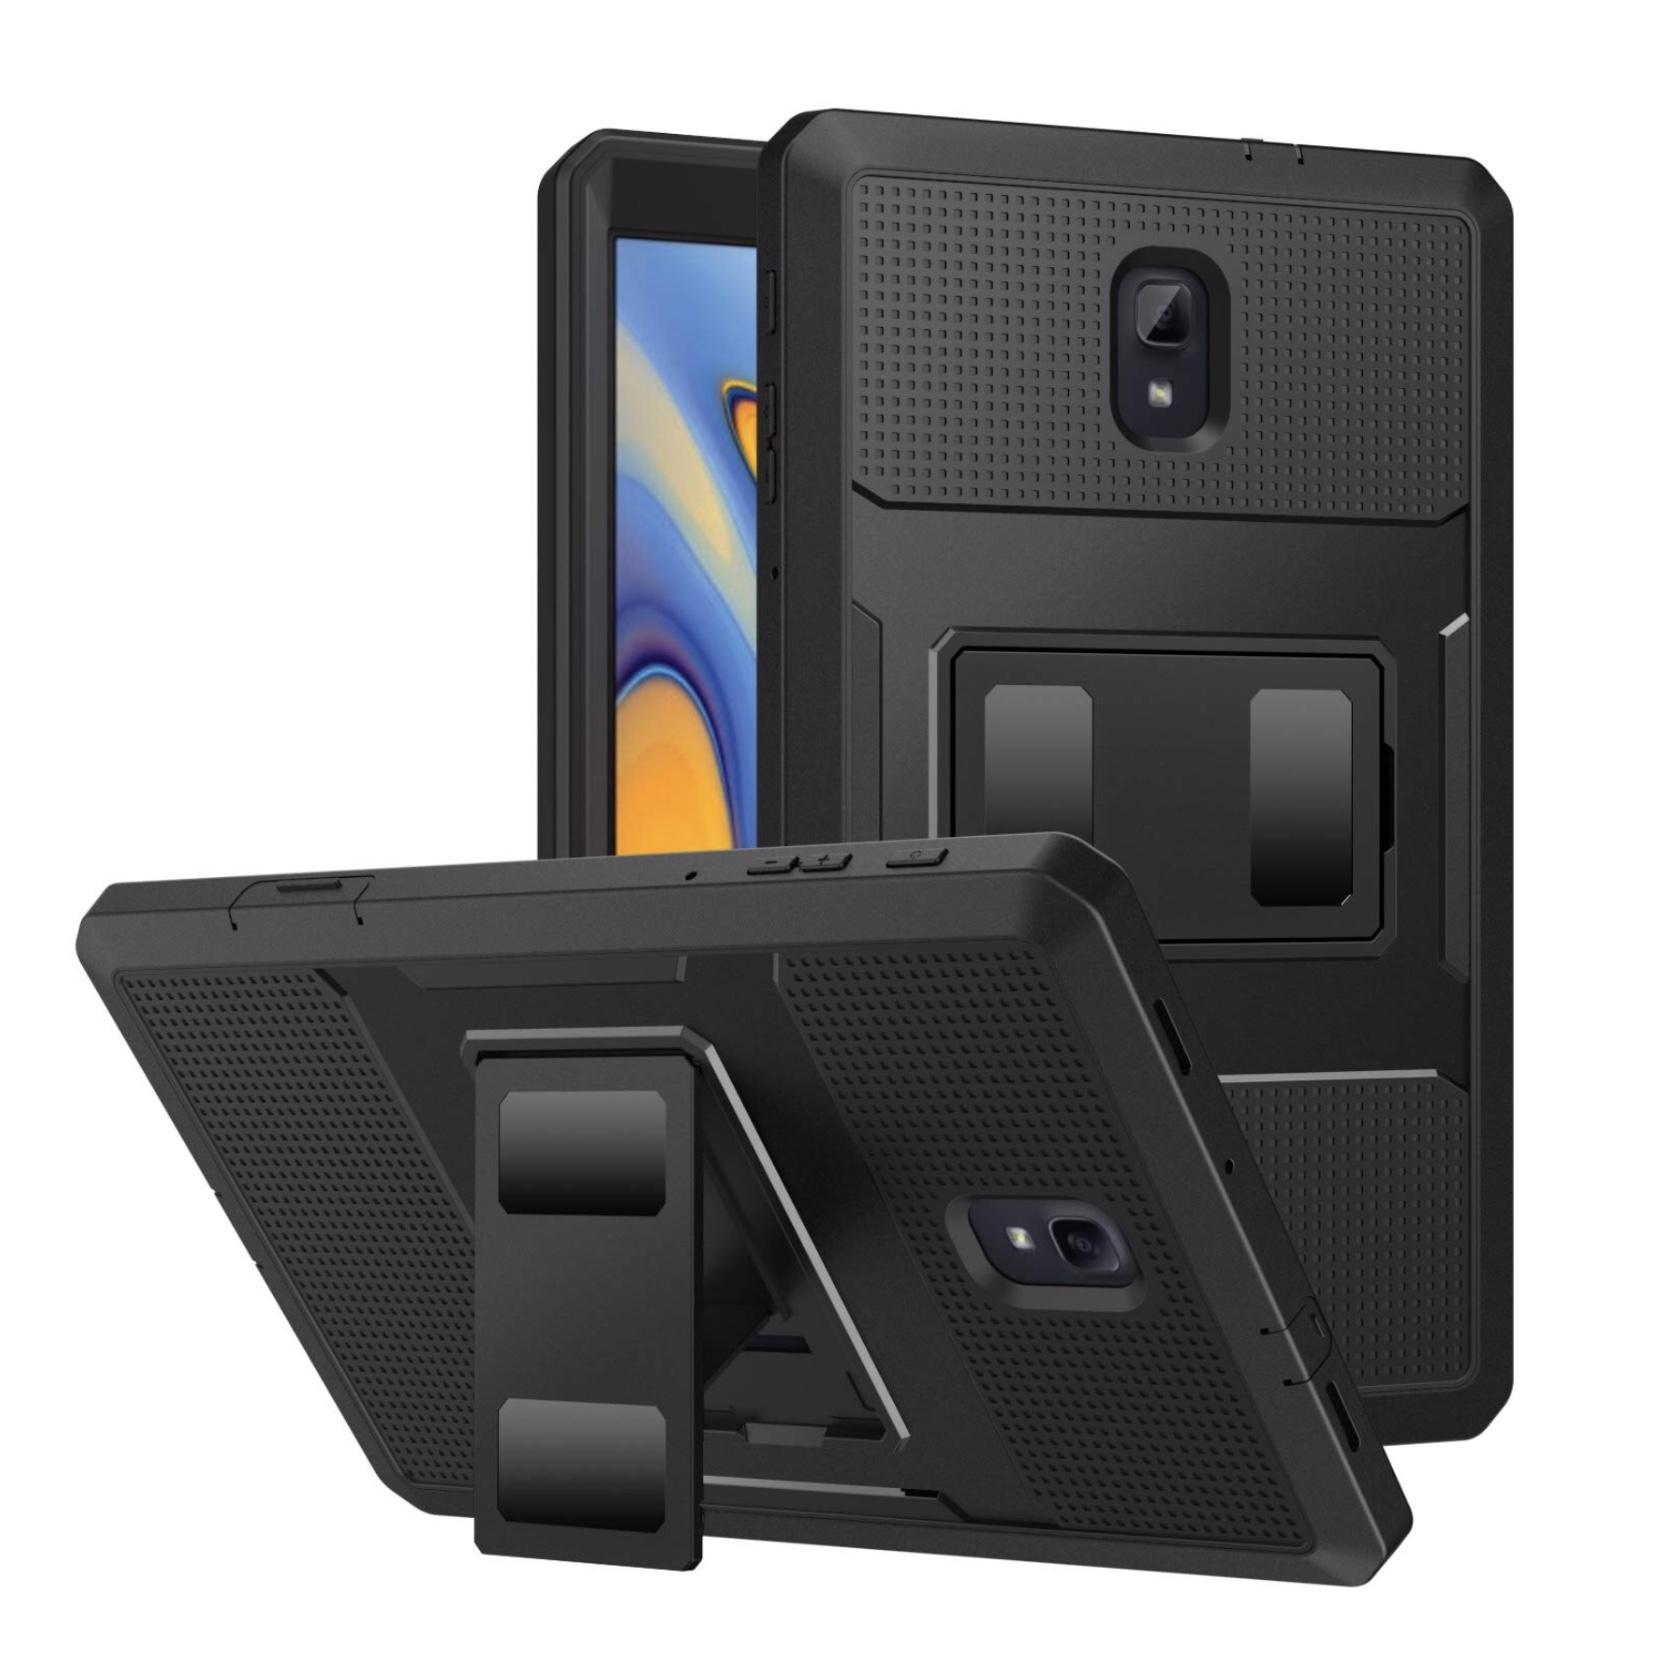 Galaxy TAB A 10.5p Coque de protection Pied amovible et film rigide ecran PRO TAB